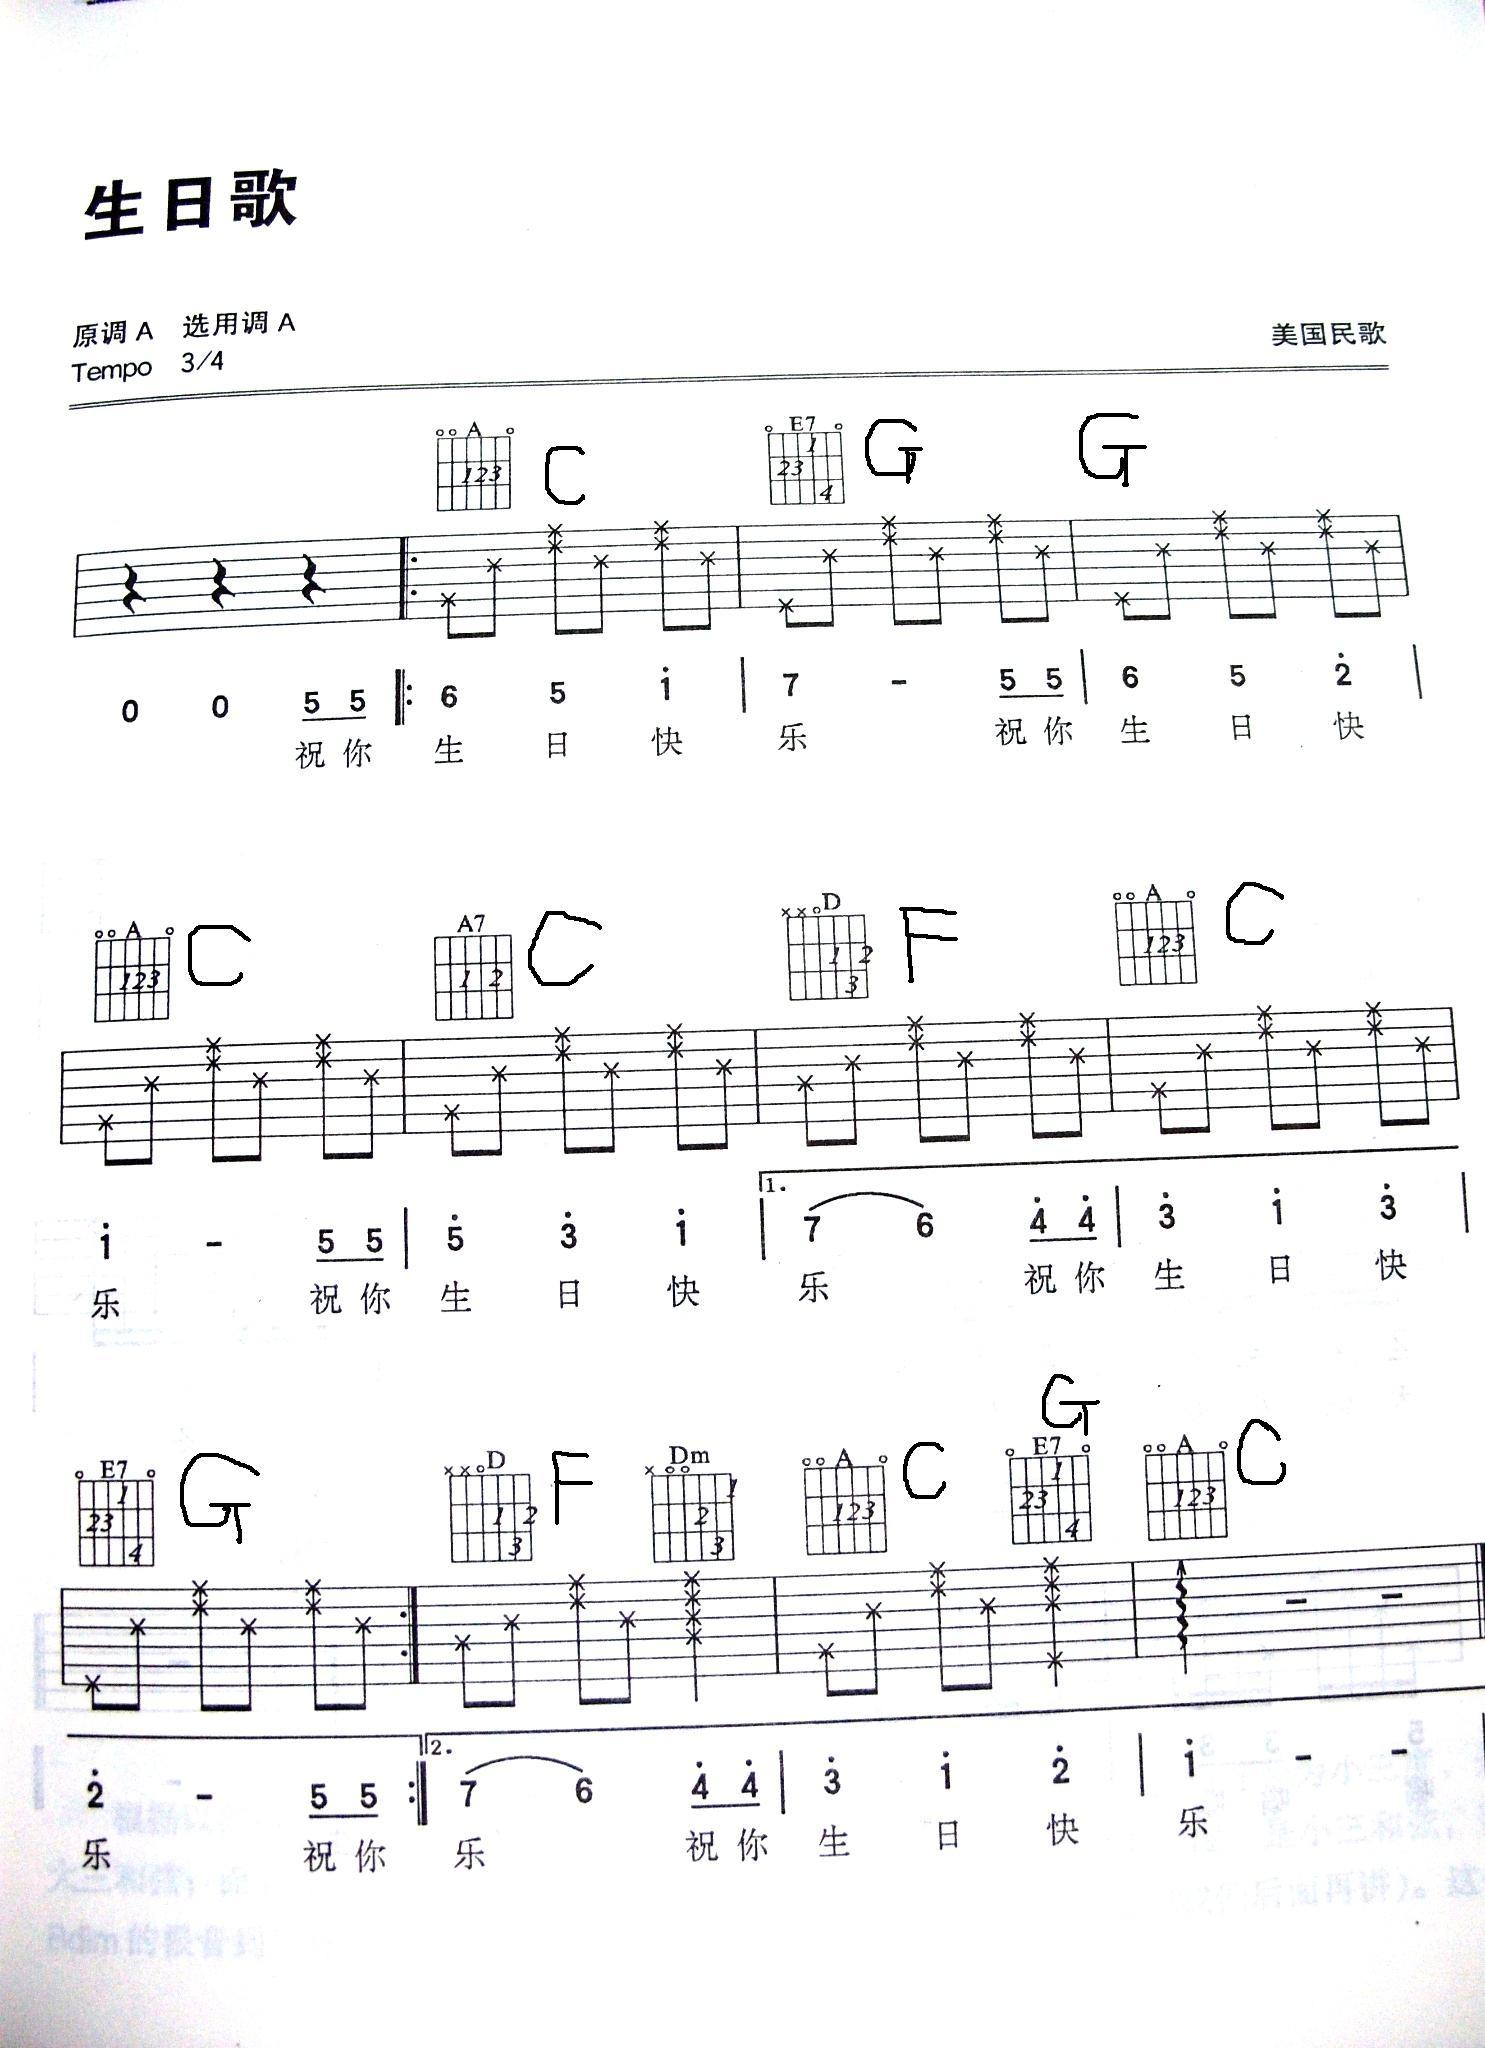 """生日快乐歌吉他谱、简谱   我想要""""祝你生日快乐""""歌的单弦吉他谱"""